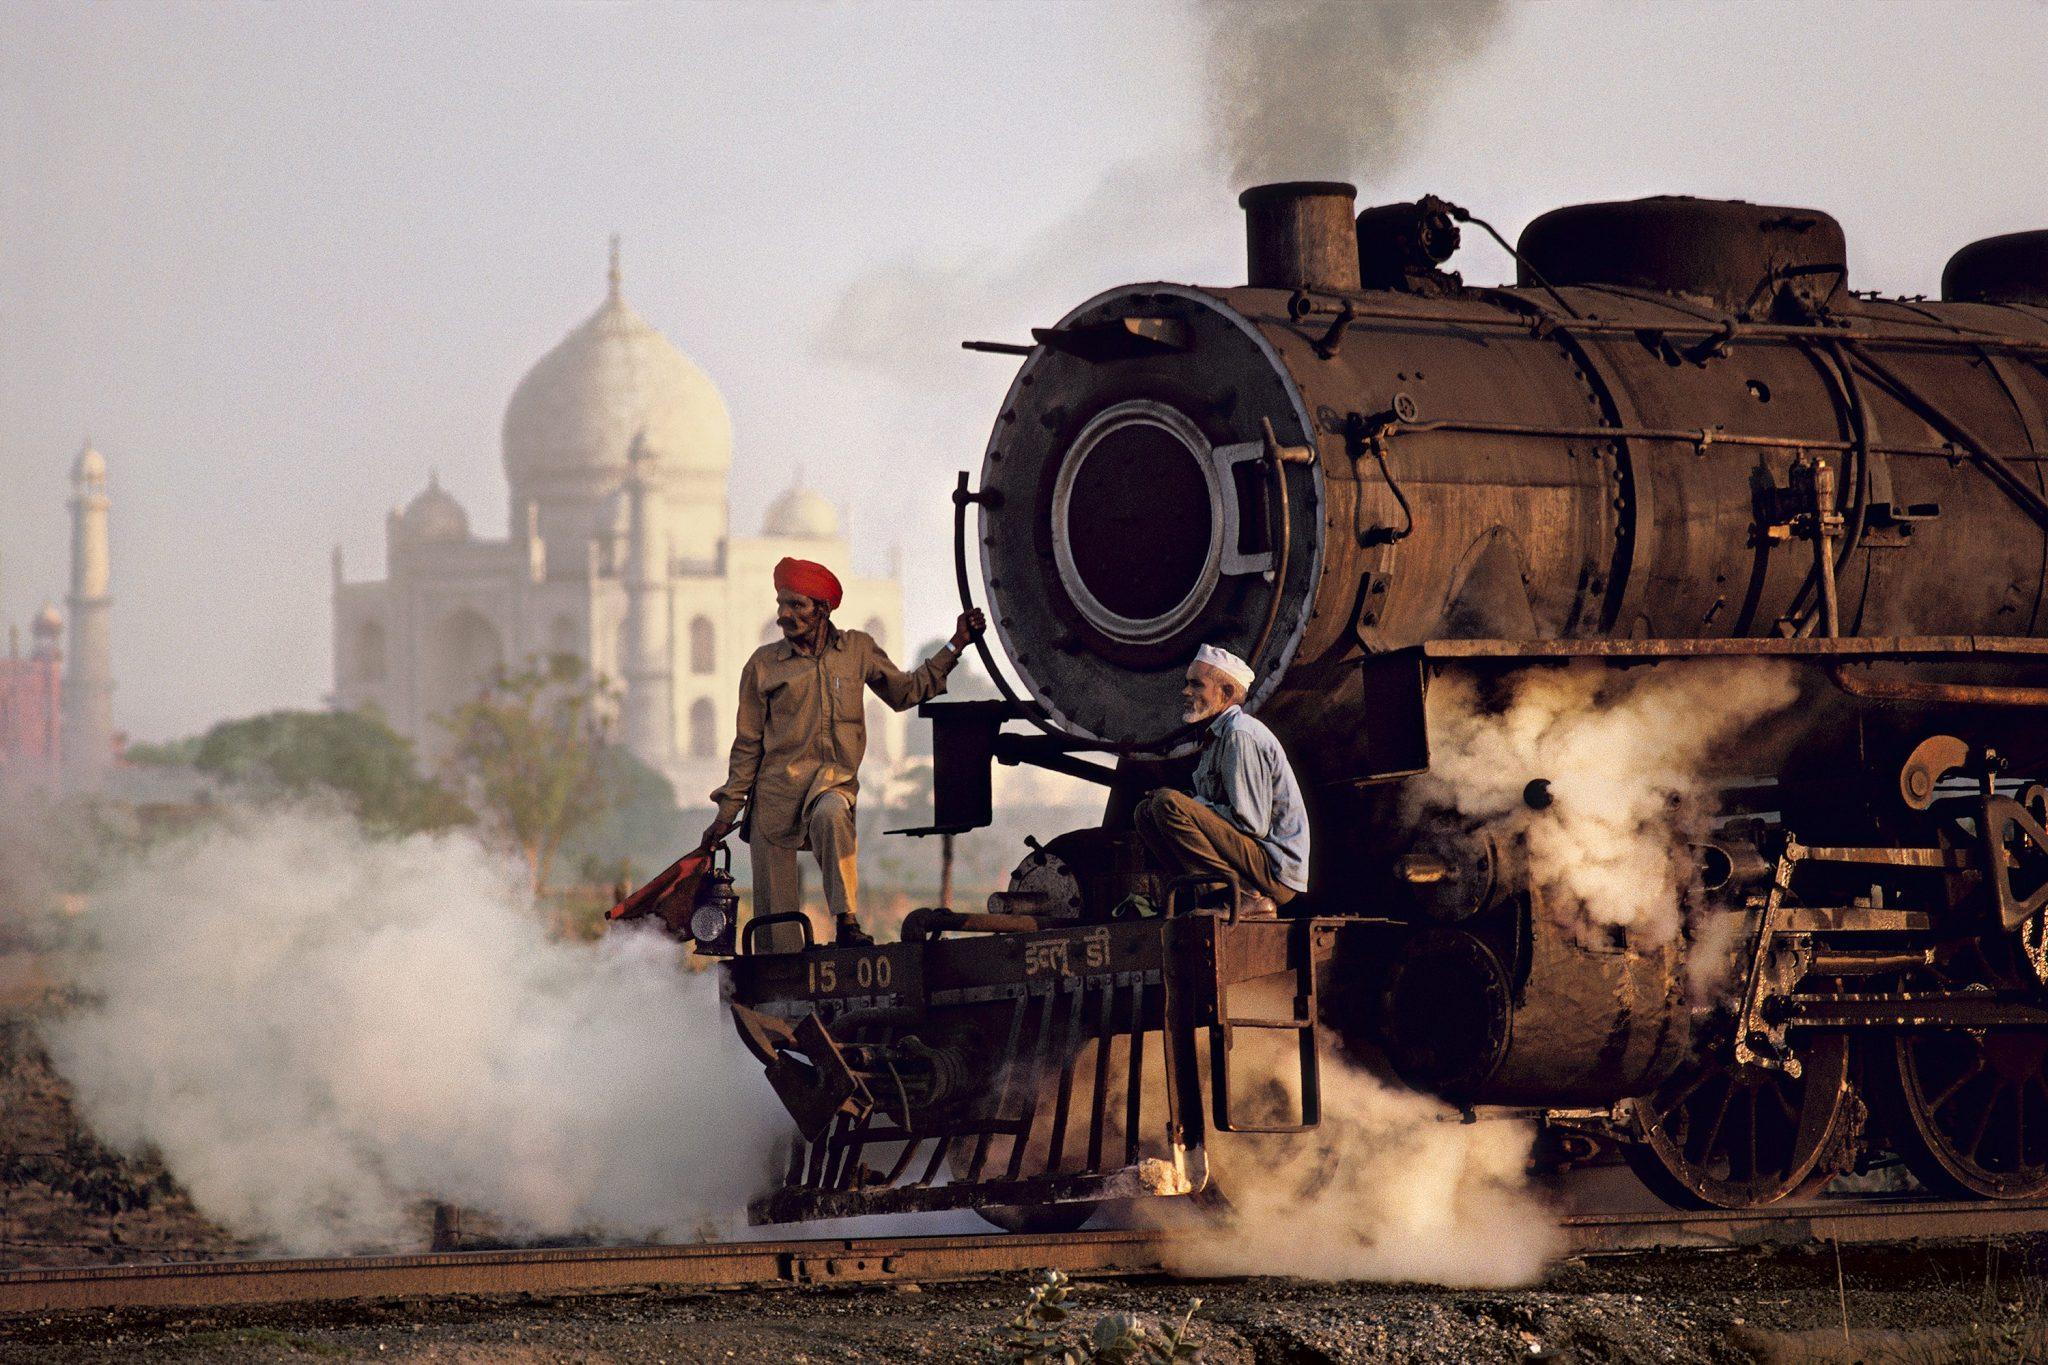 Steve McCurry's Rail Journey through India